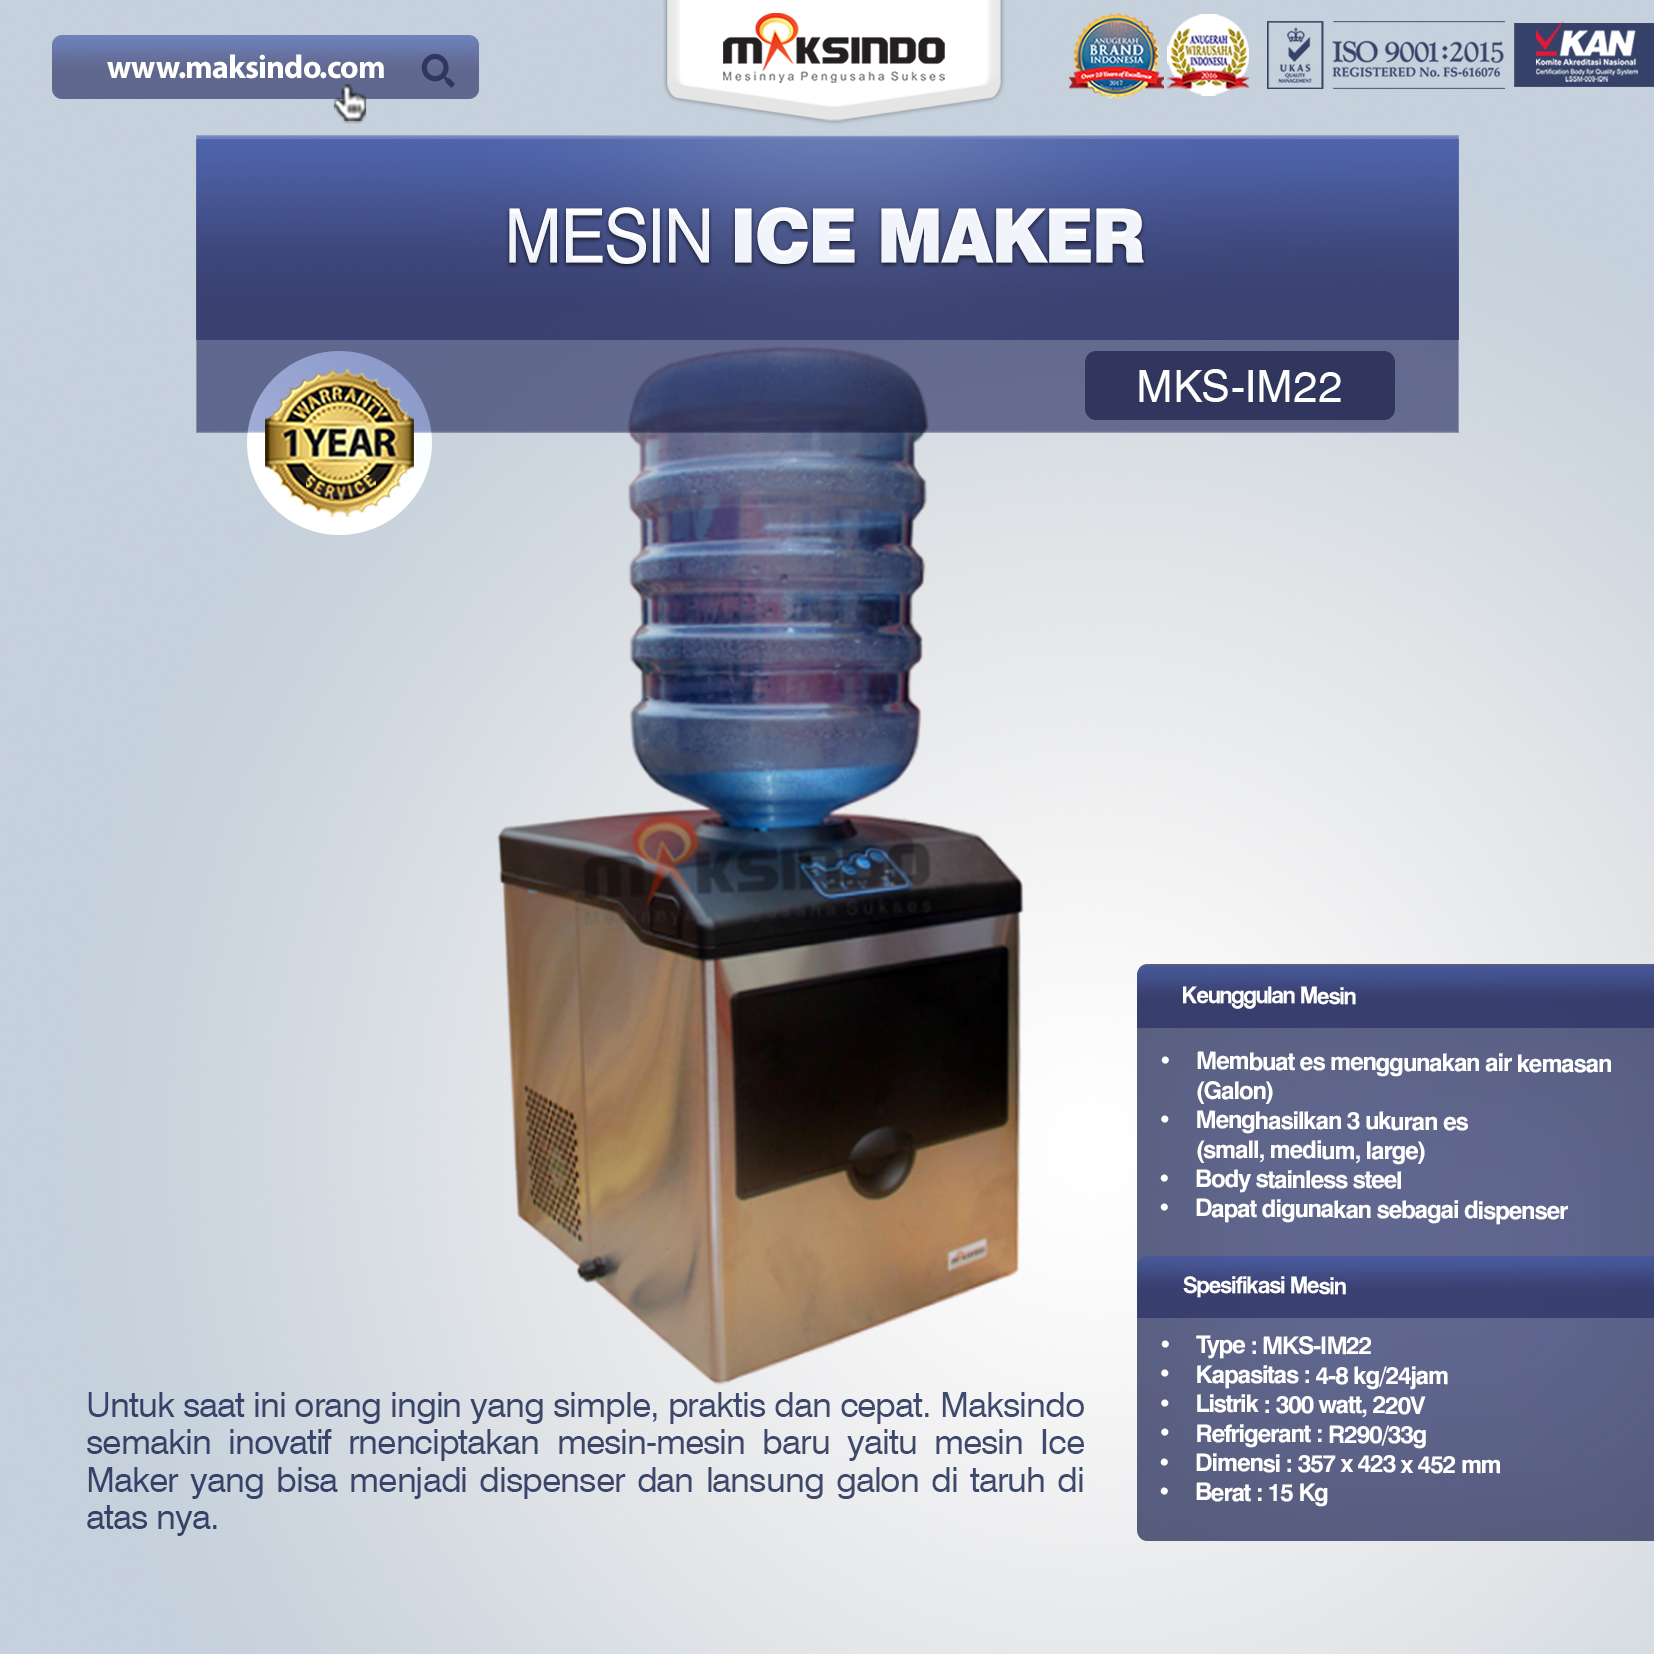 Jual Mesin Ice Maker MKS-IM22 di Bandung